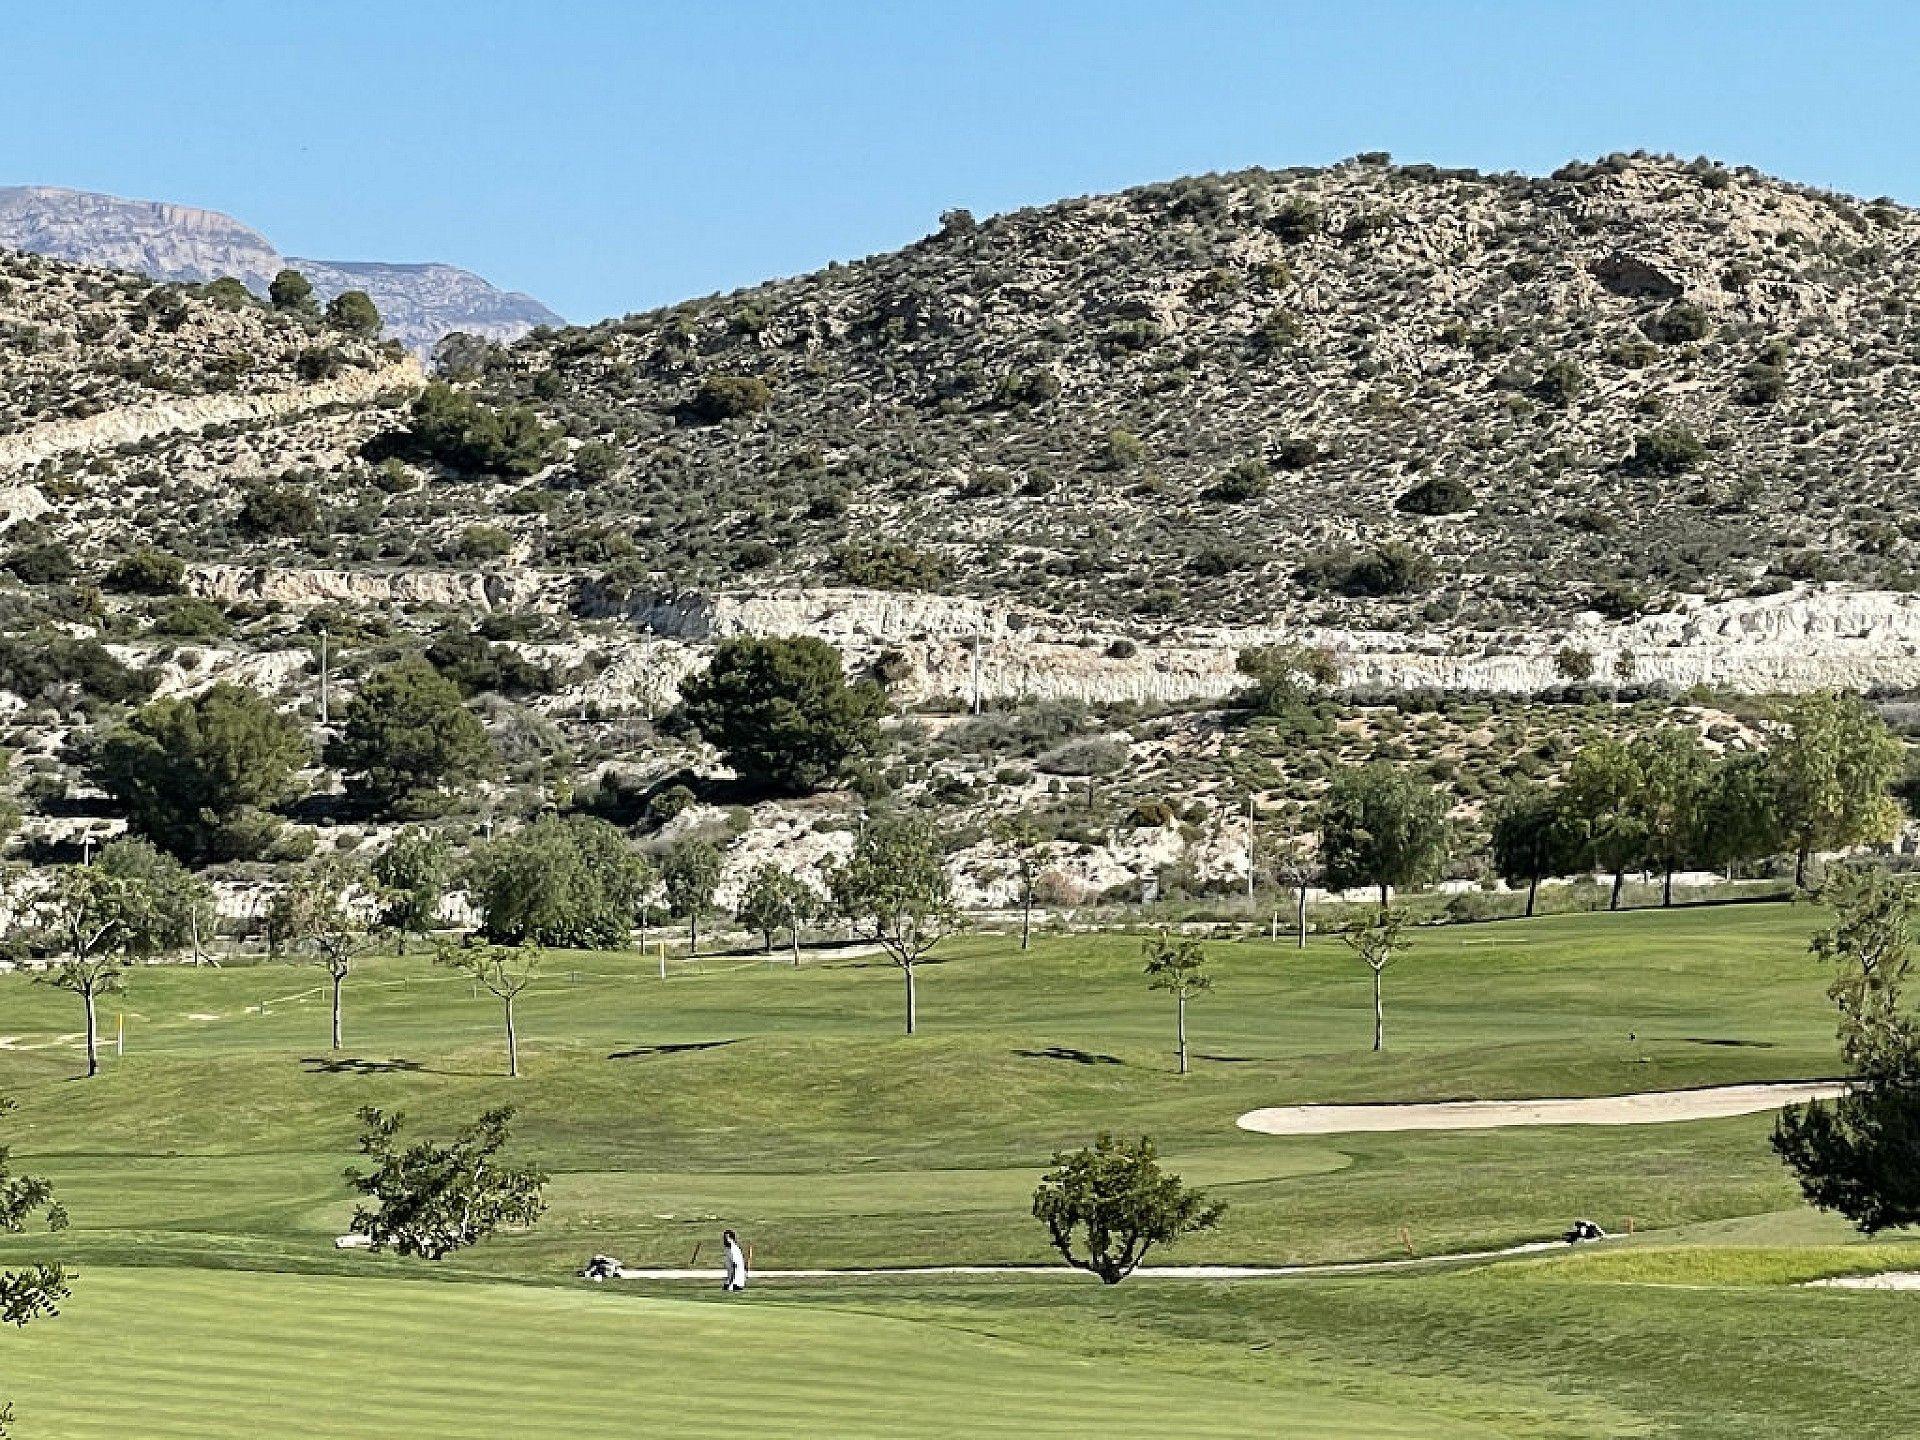 w_nieuwbouw-appartement-te-koop-golf-alicante-montforte-costa-blanca-spanje-golfview-019-1.jpg